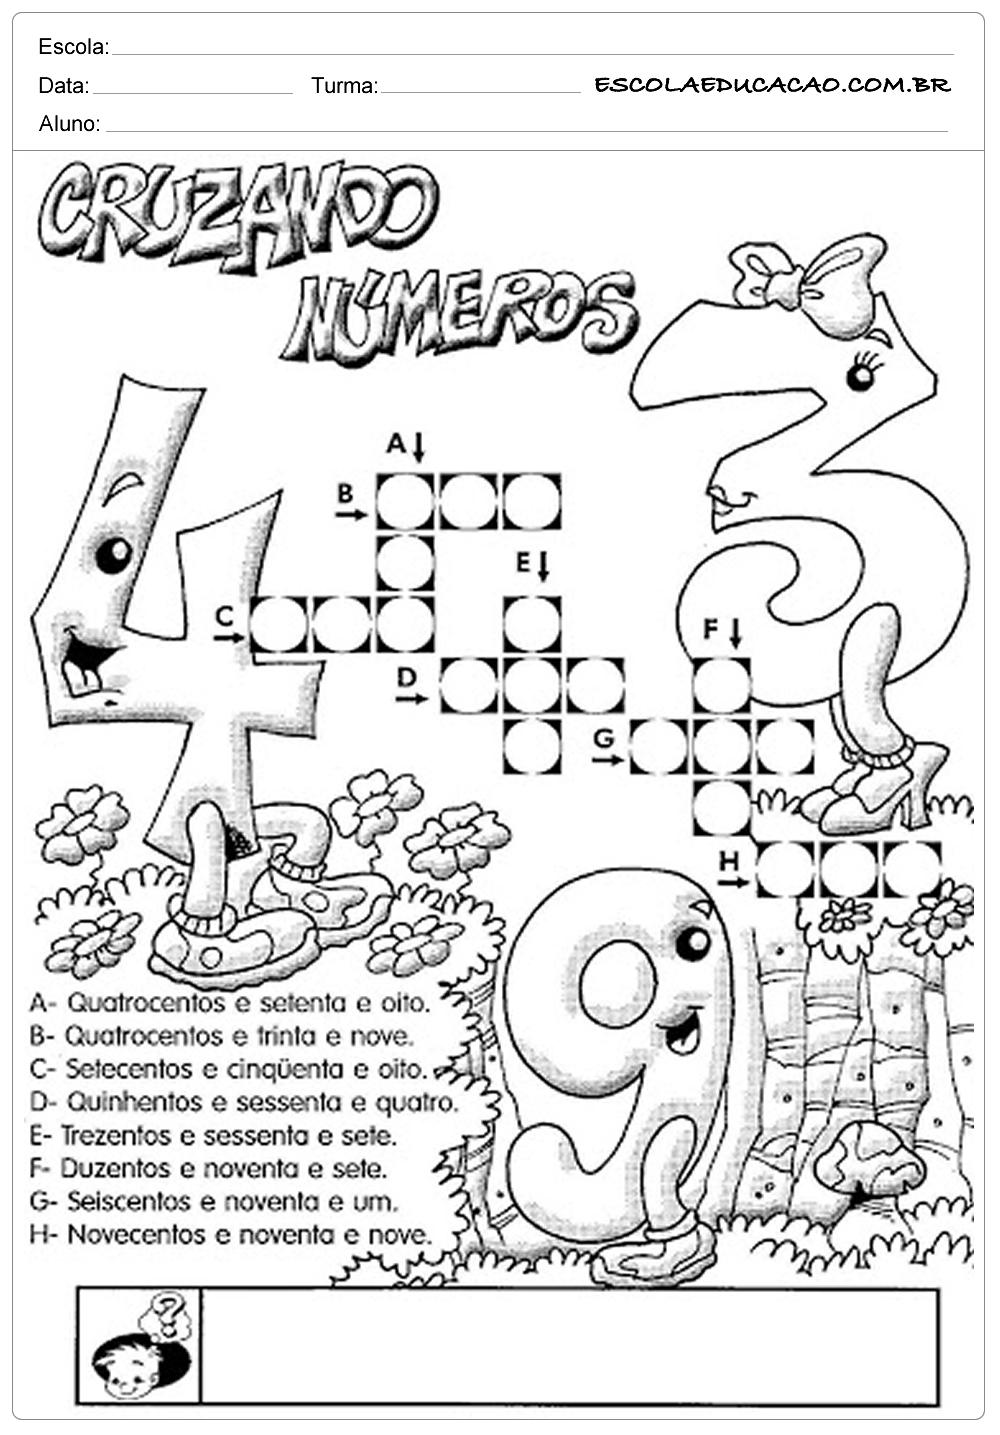 Atividades de Matemática 3º ano – Cruzando números